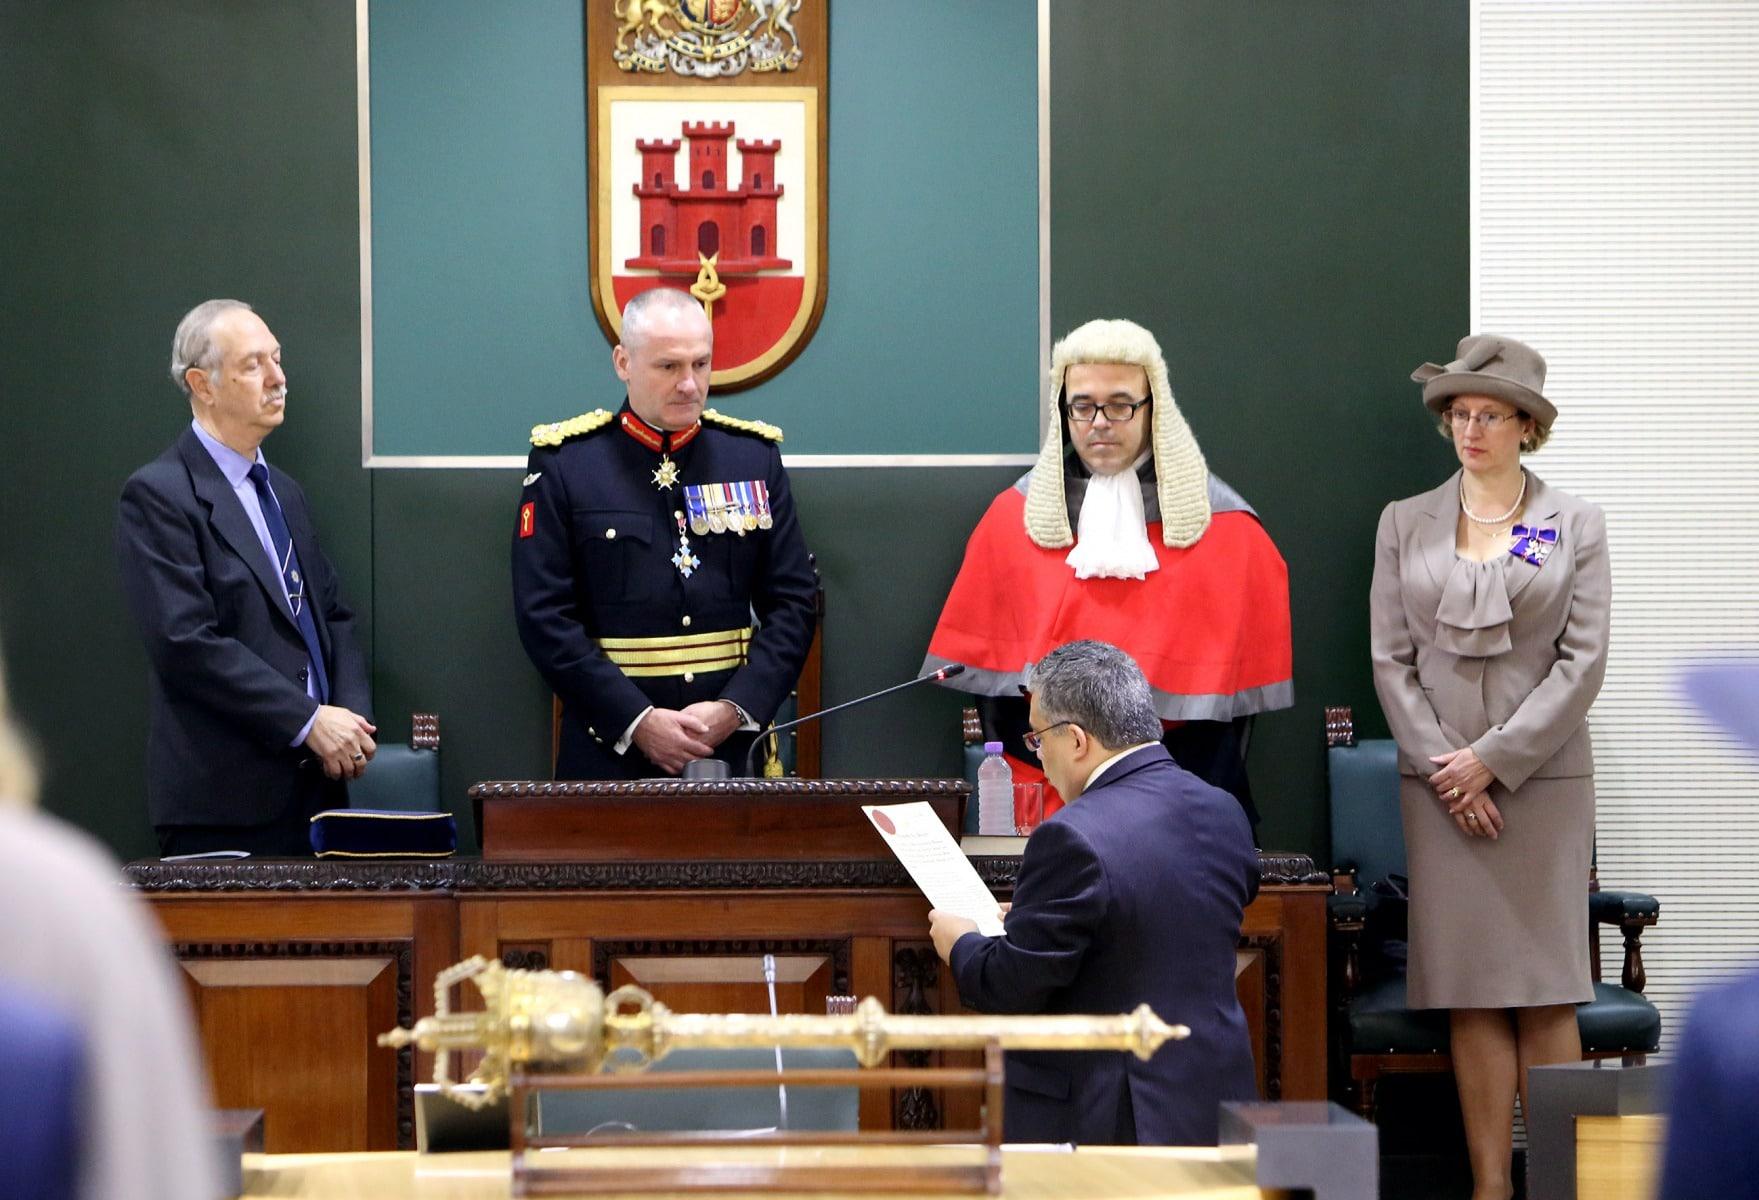 gobernador-de-gibraltar-edward-davis_24497001795_o